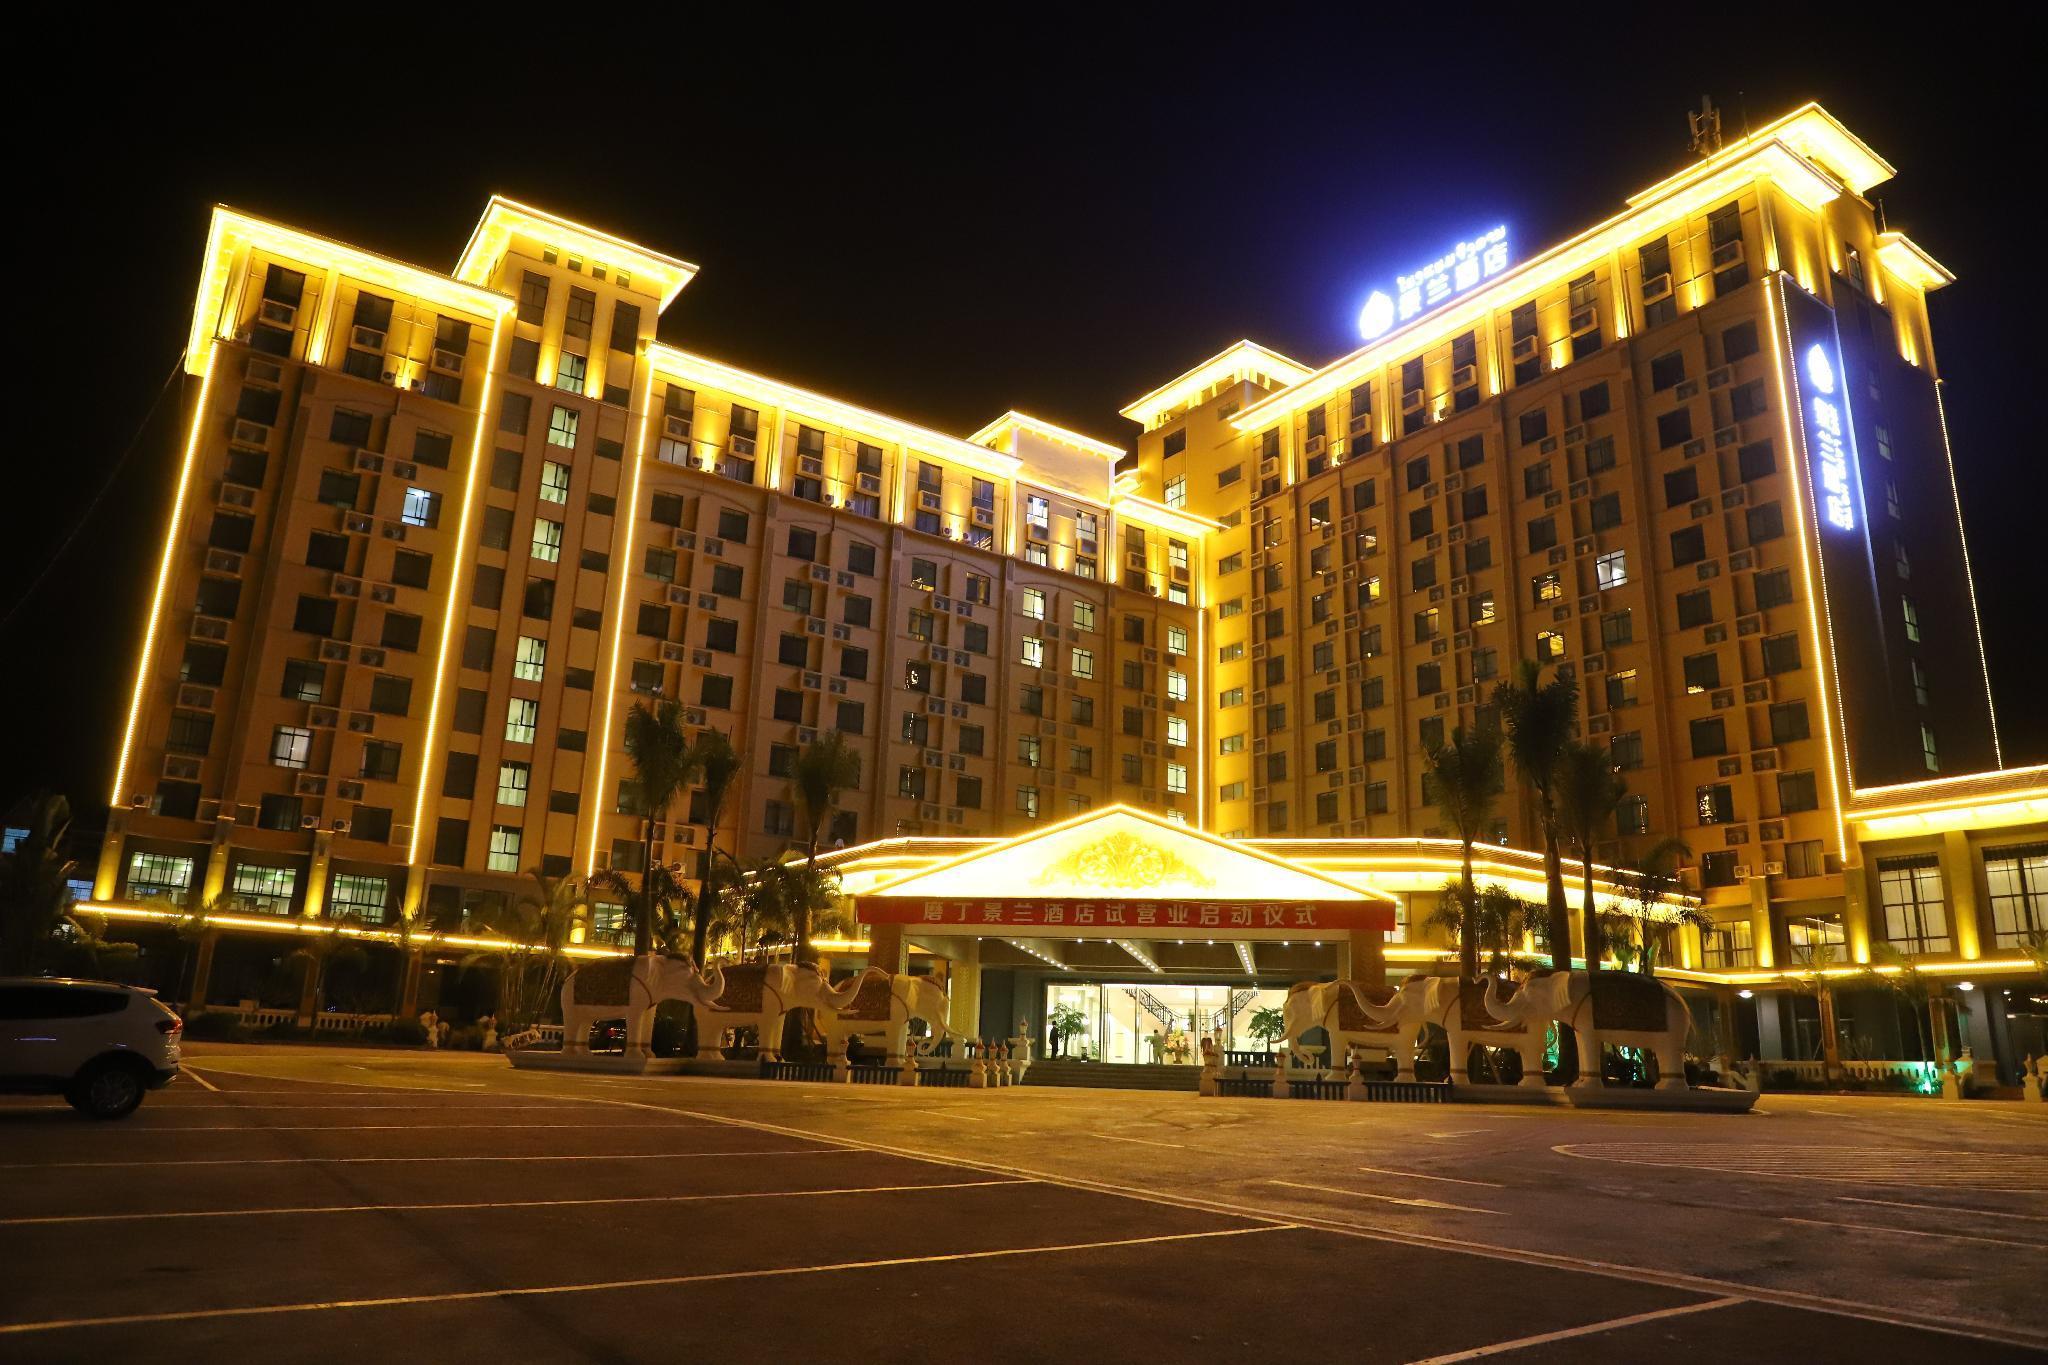 JING LAND HOTEL